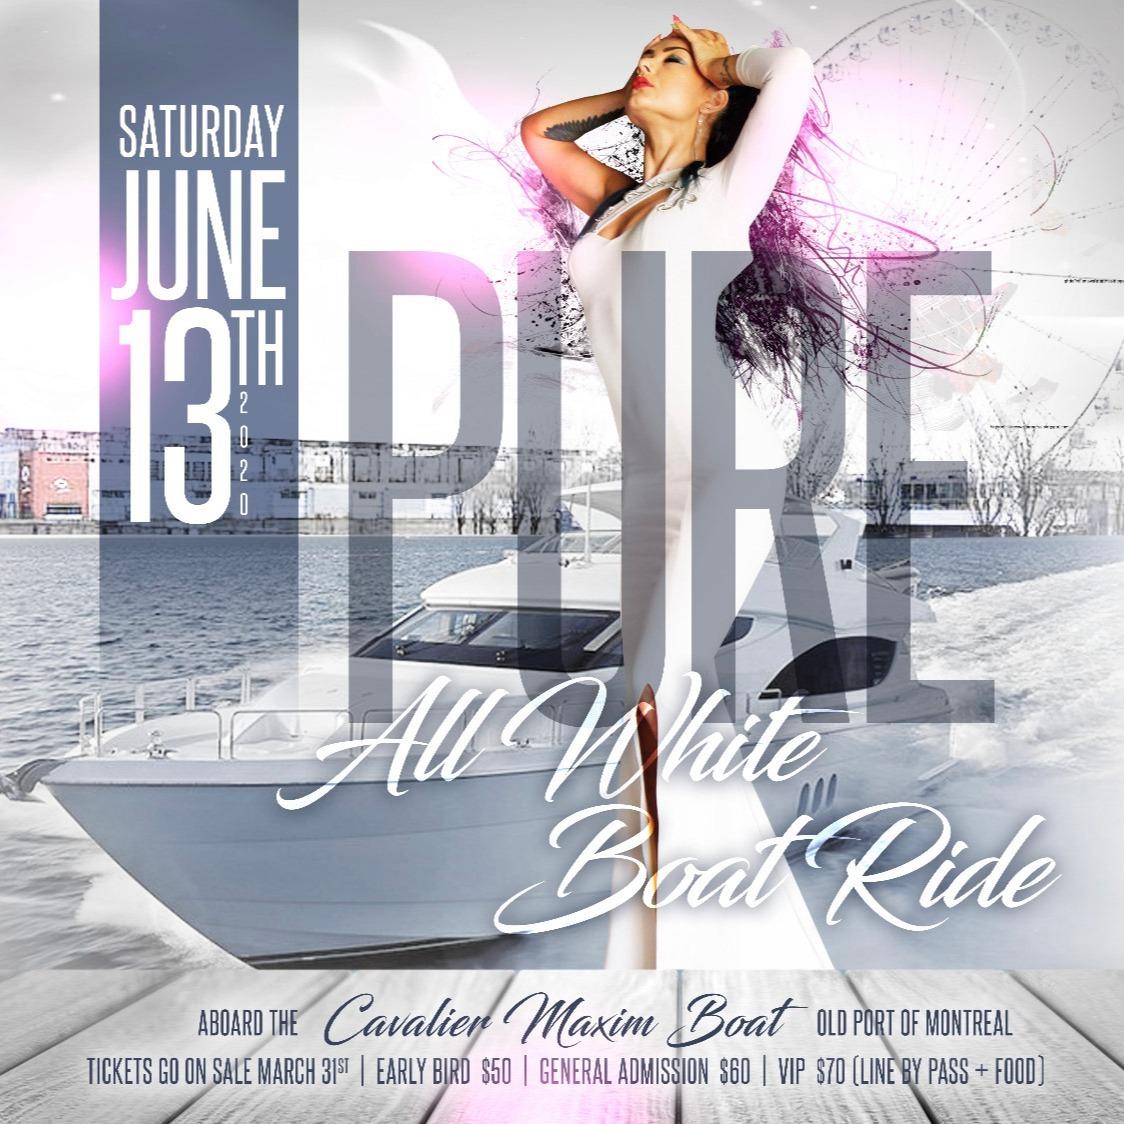 PURE: All White Boat Ride